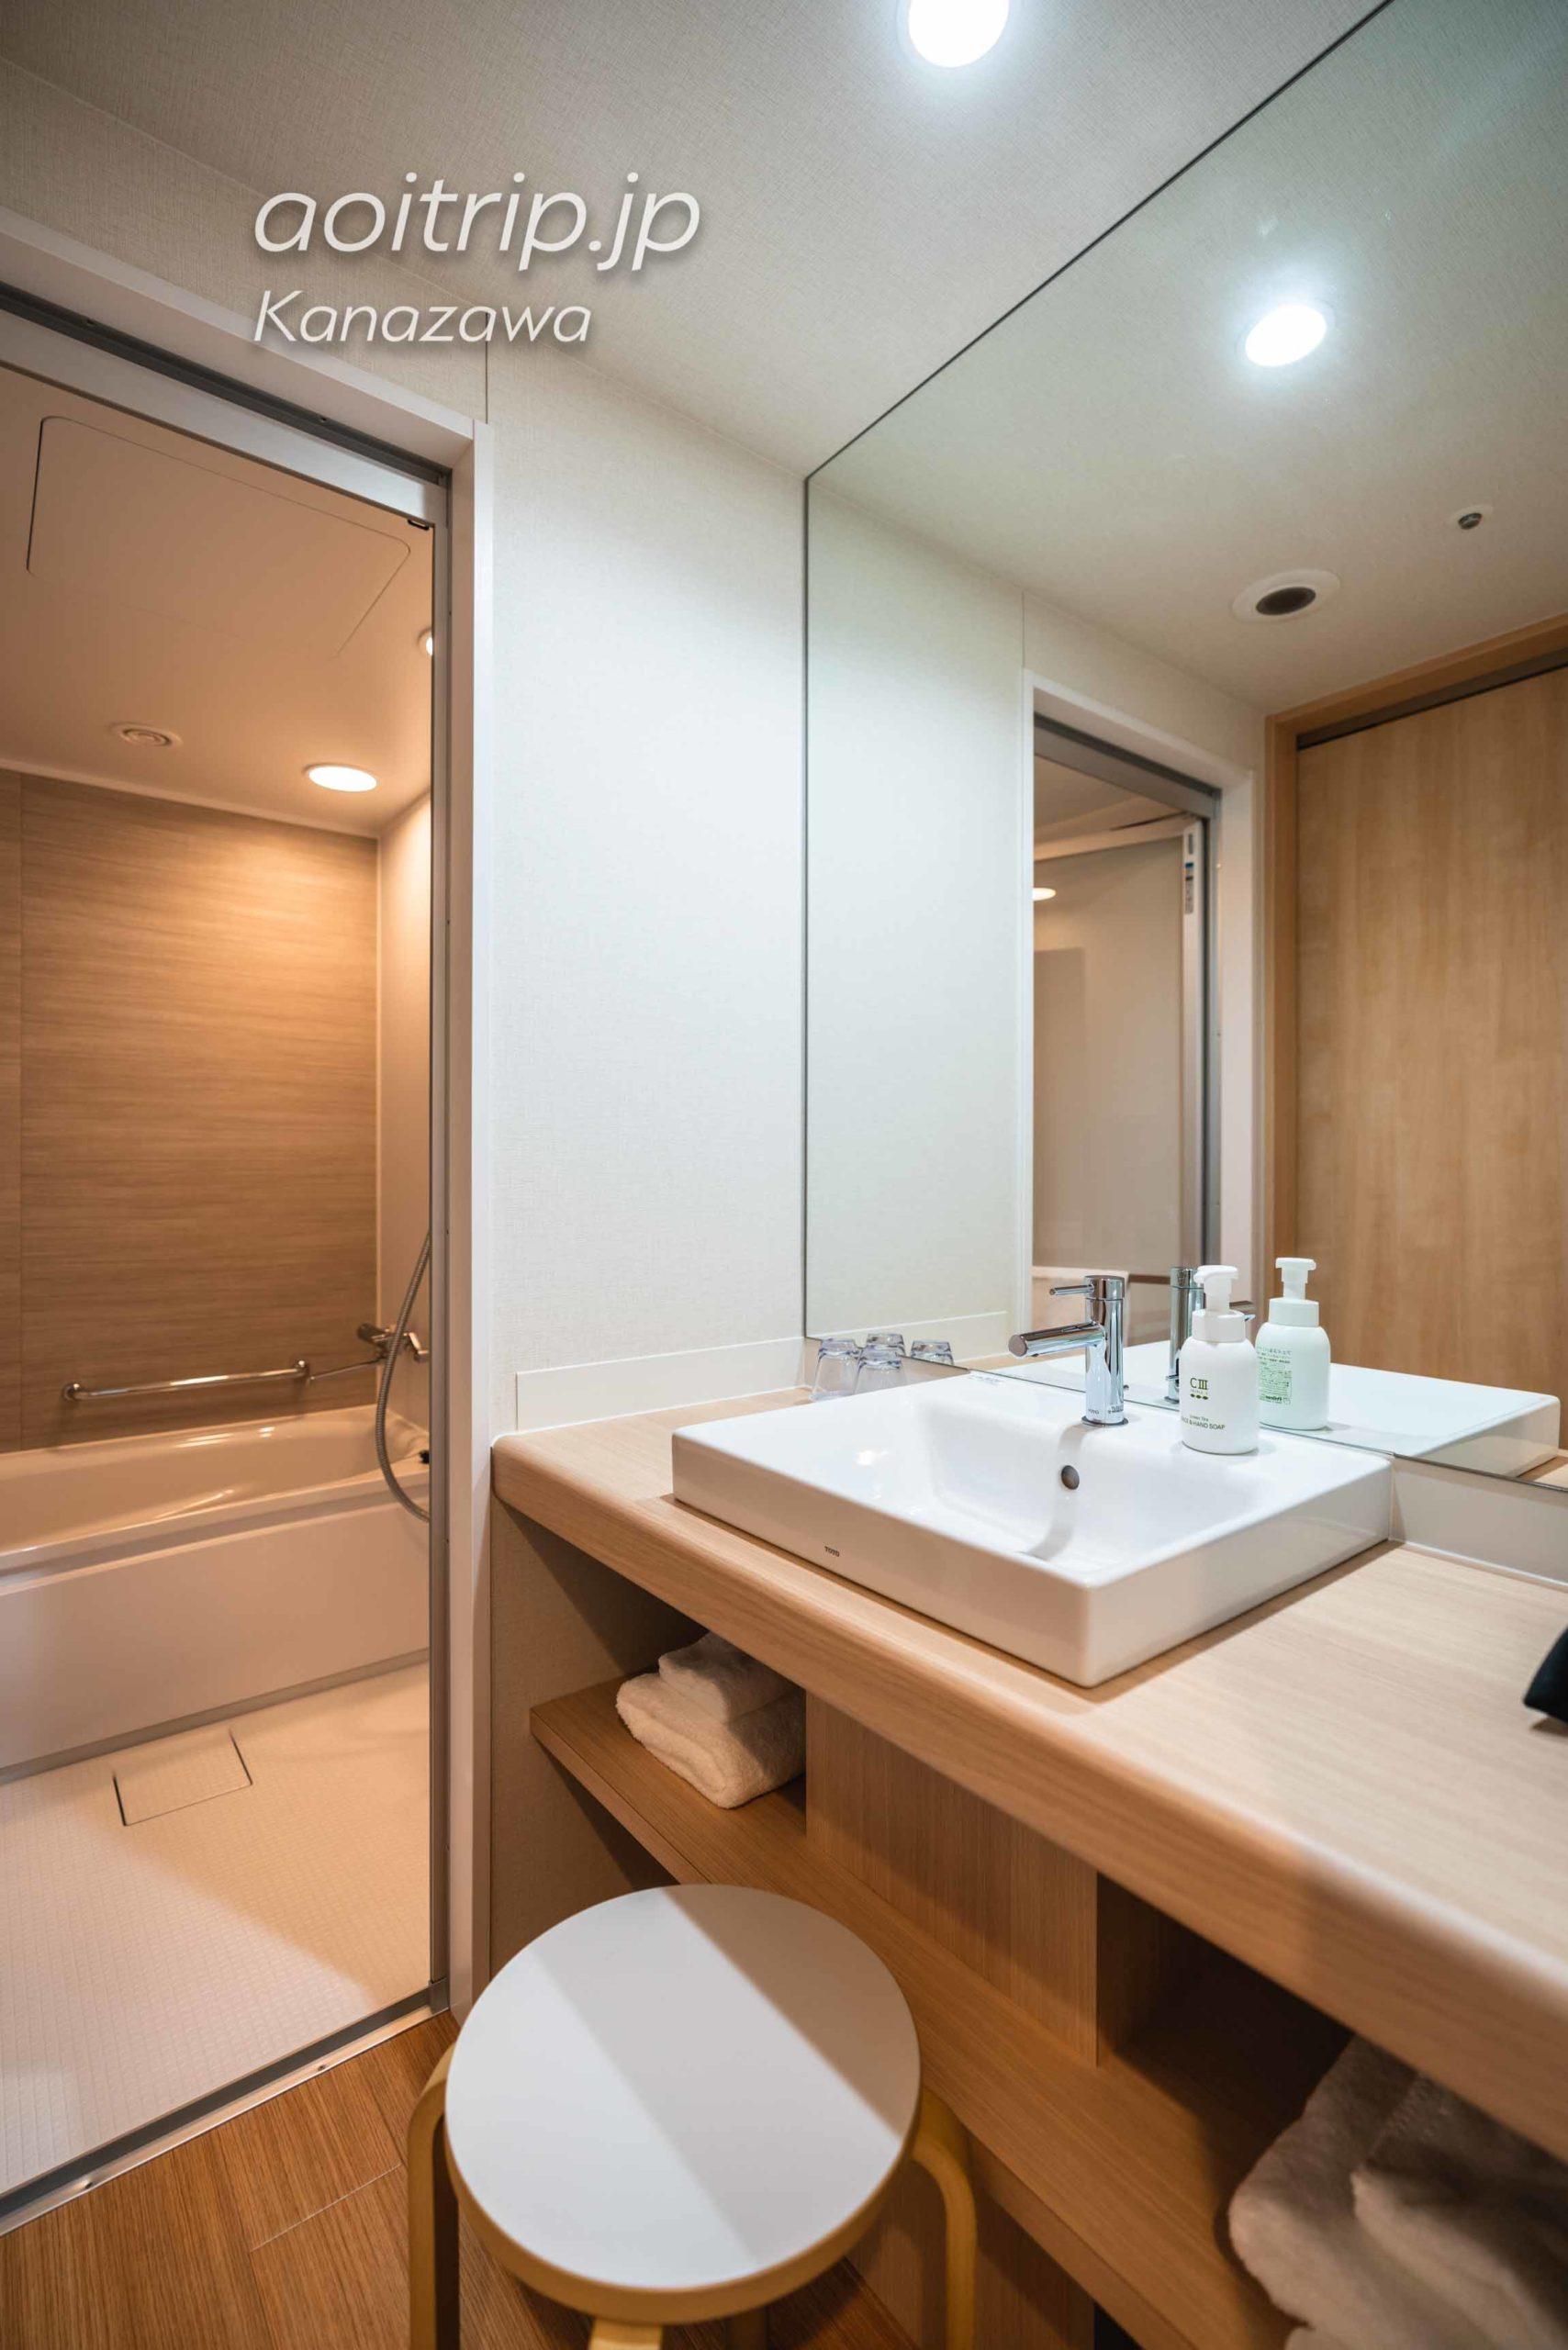 ダイワロイヤルホテルD-Premium金沢 バスルーム